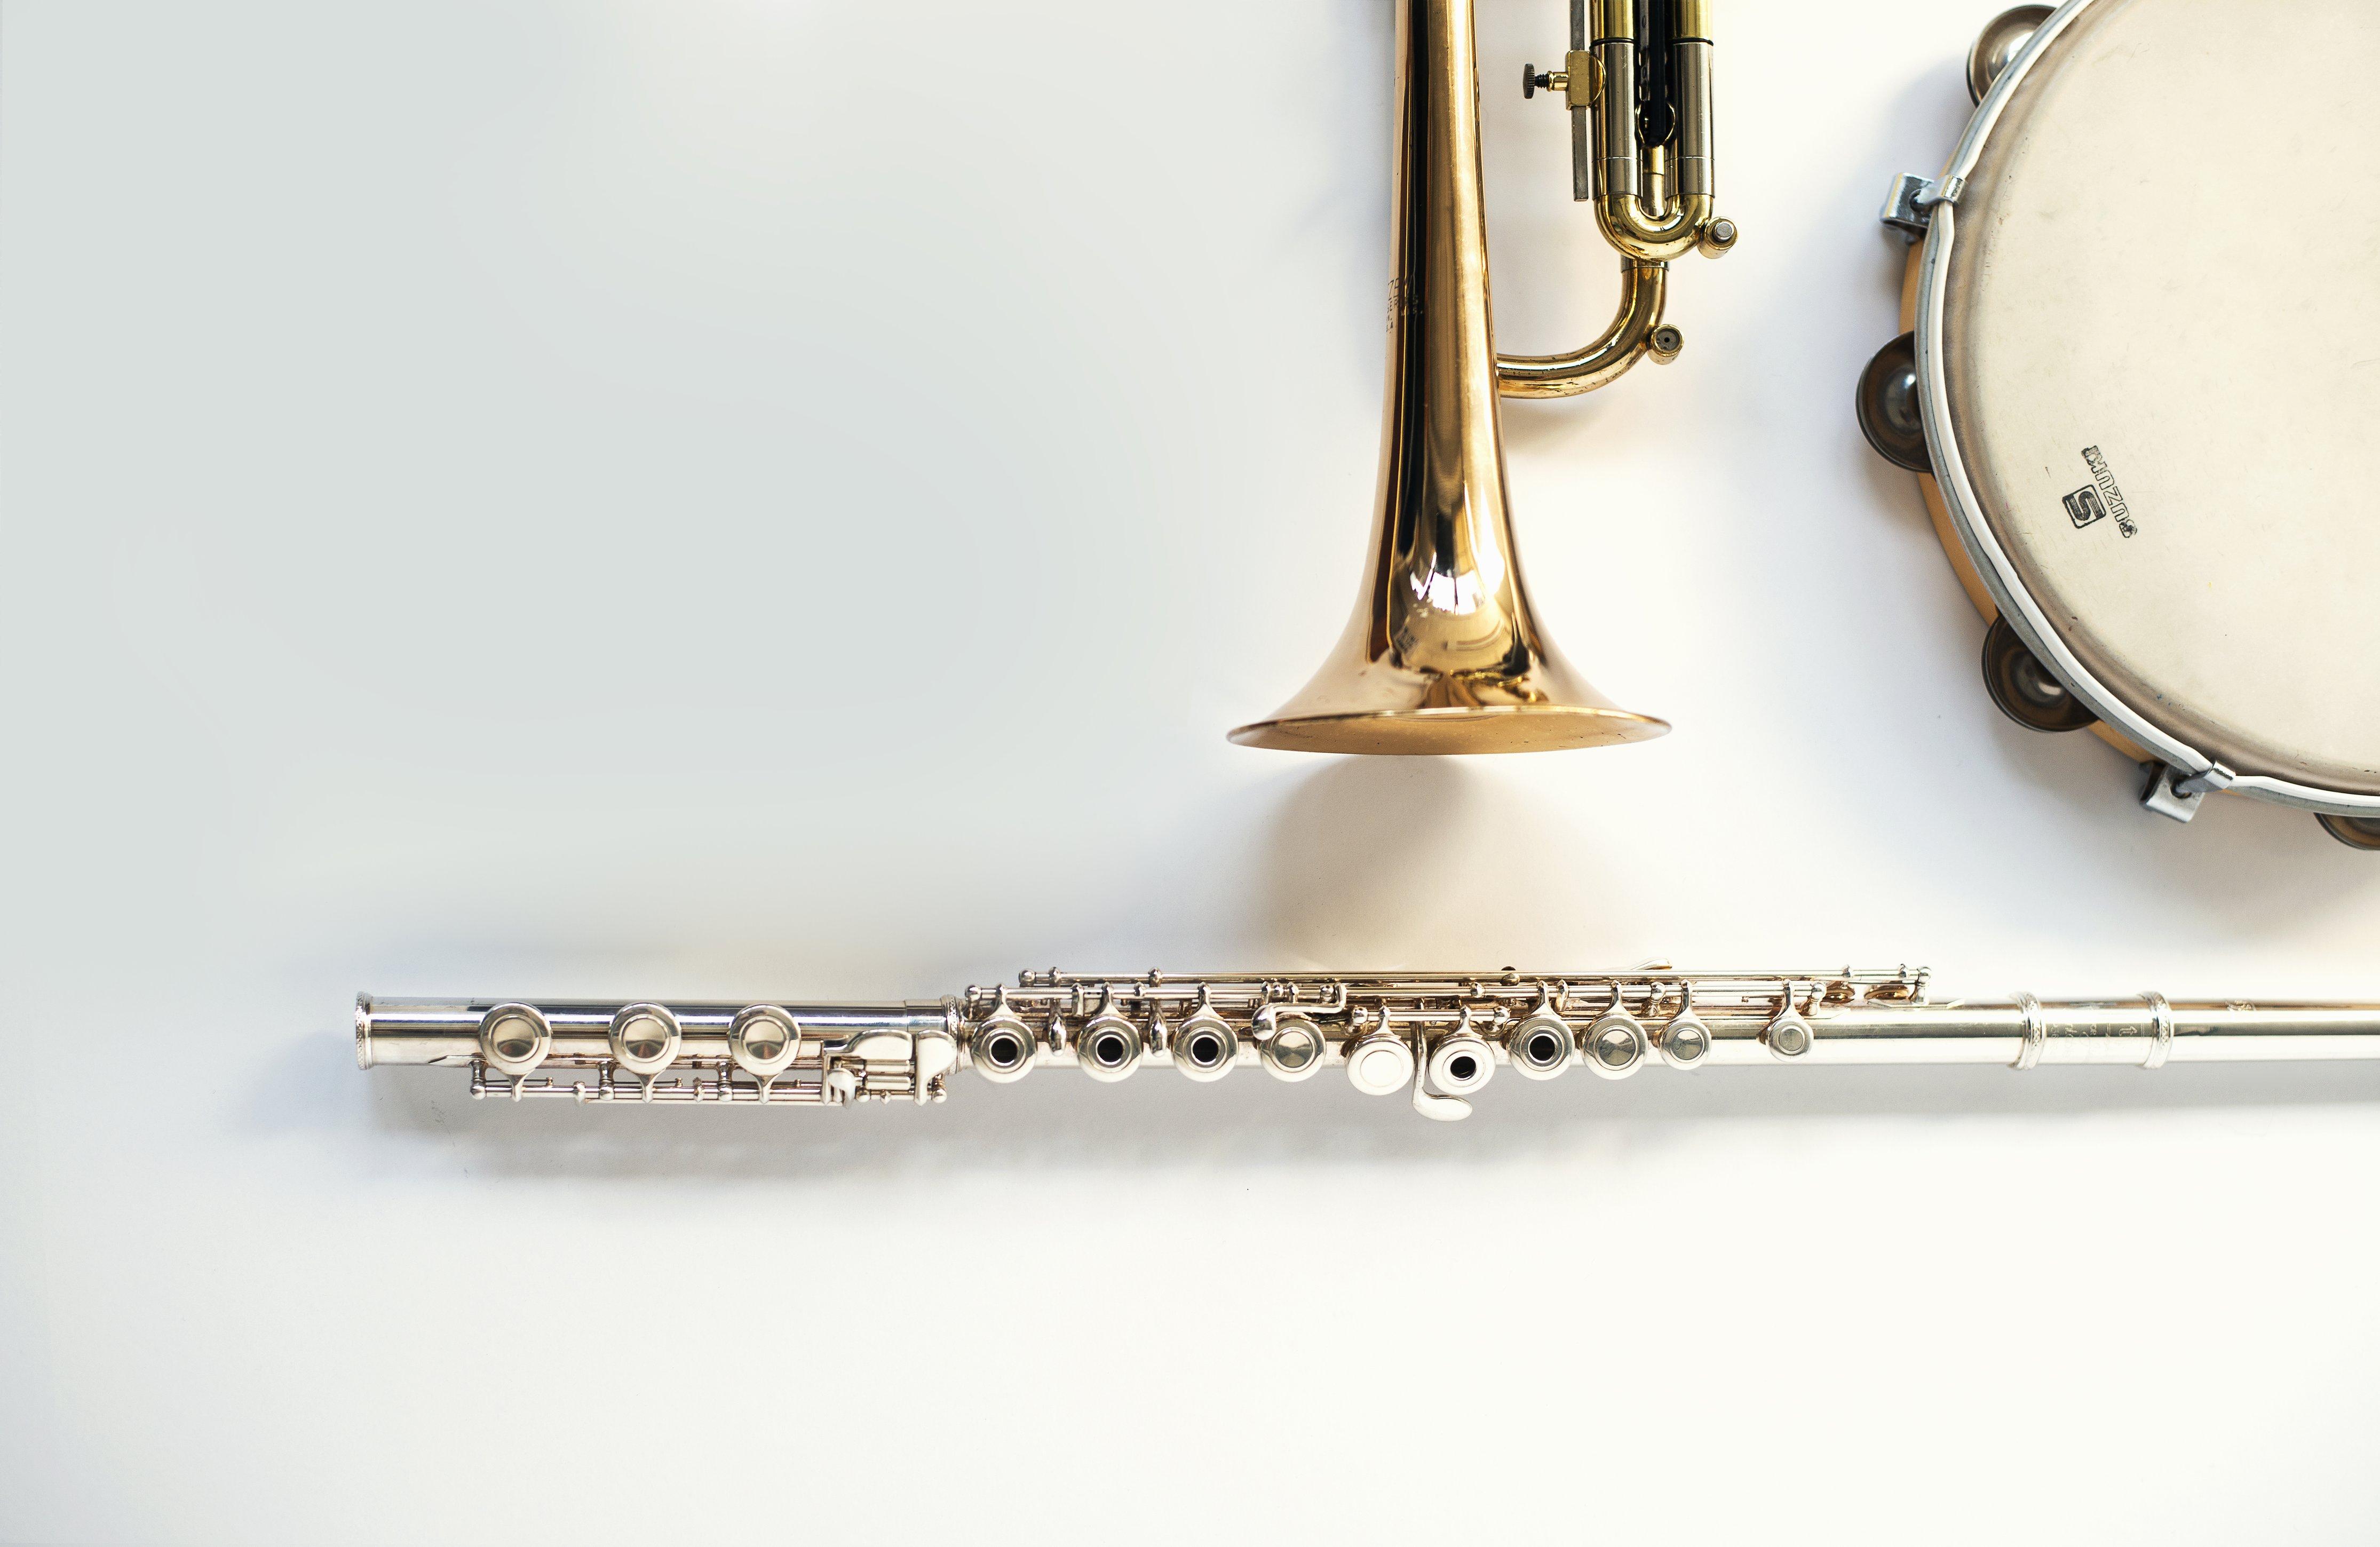 trumpet-tamborine-and-flute-instruments-